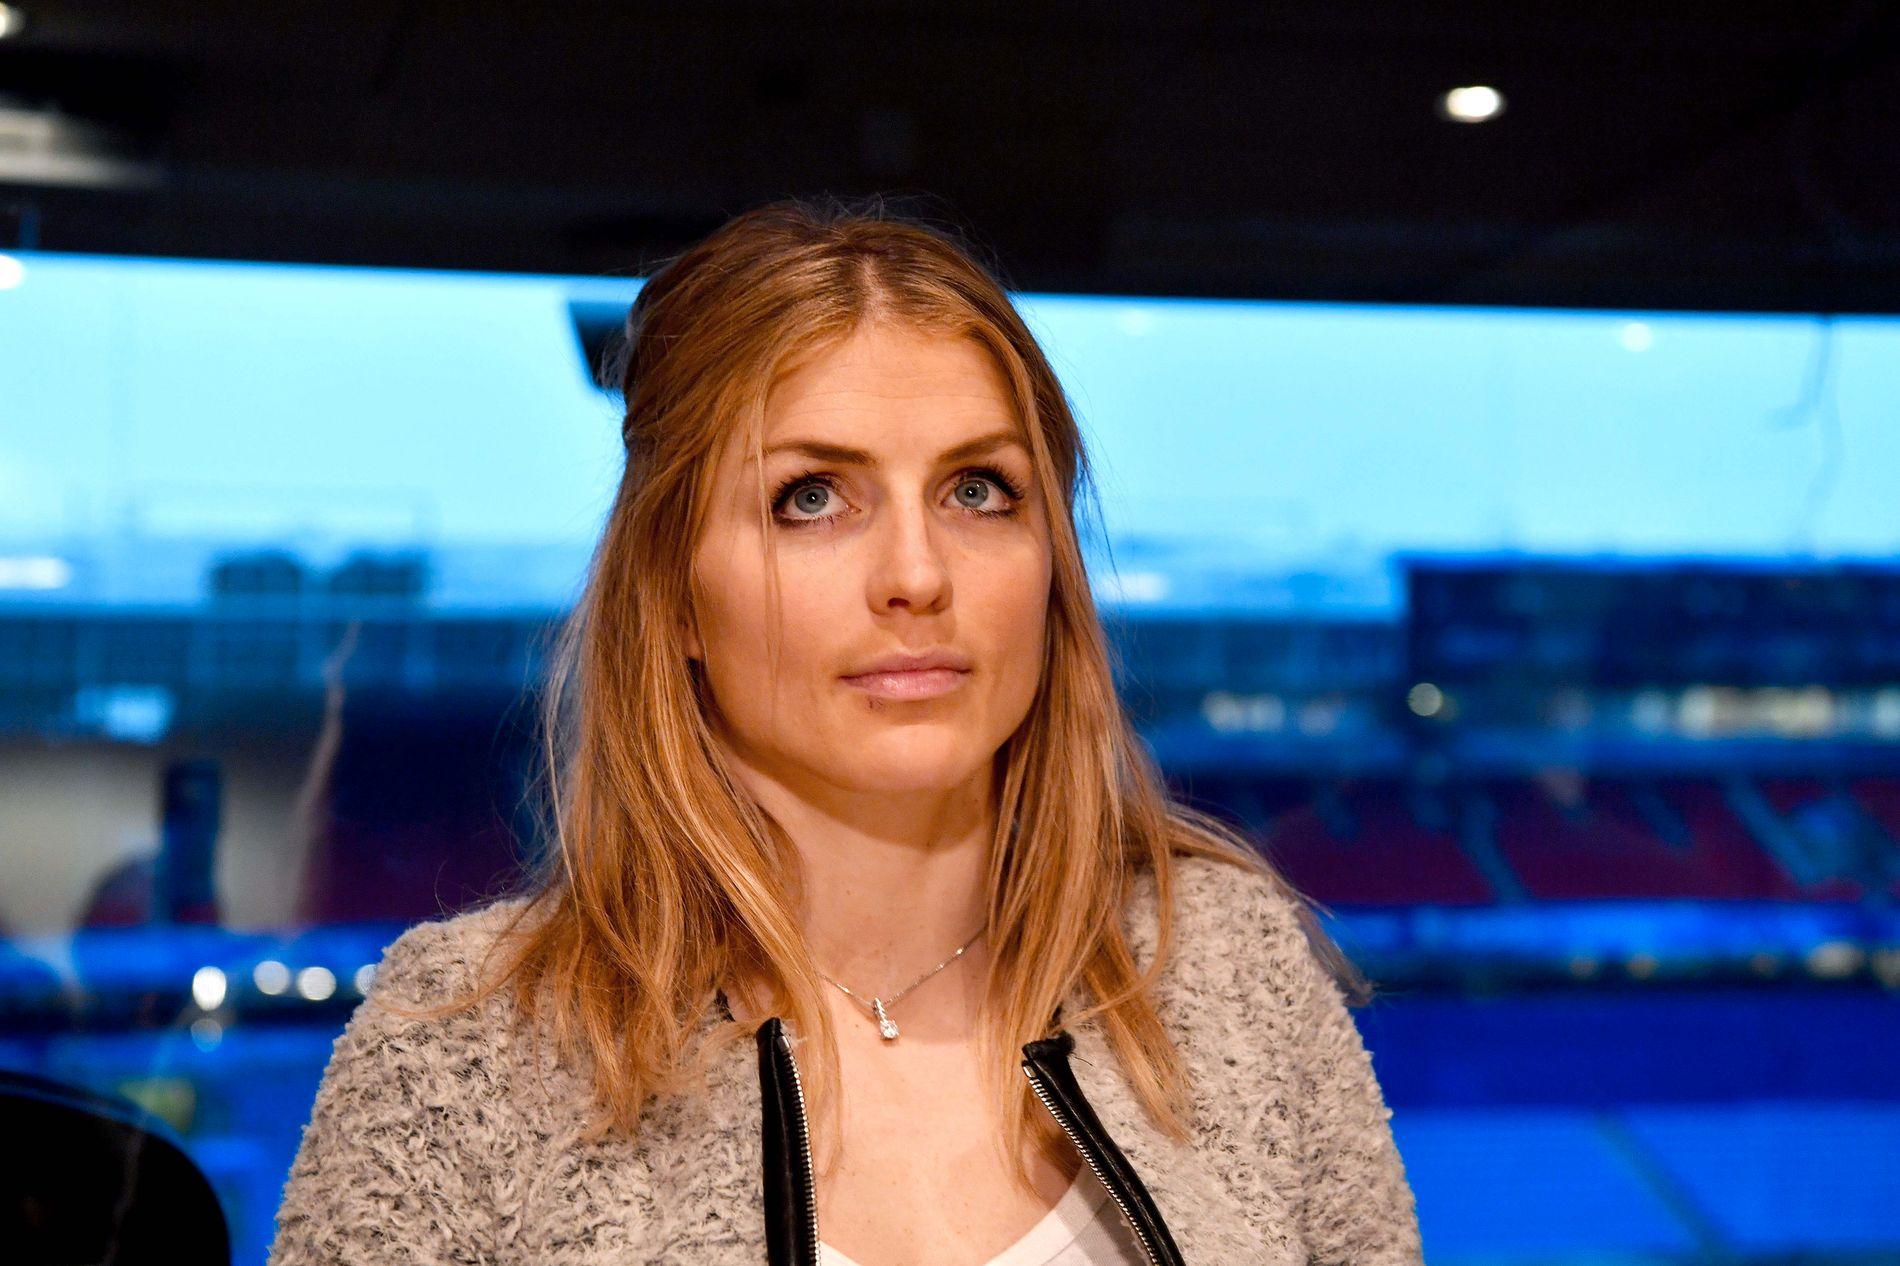 STYRKER ADVOKAT-LAGET: Therese Johaug, her under dopinghøringen på Ullevaal i januar, har engasjert mannen som tidligere har representert Alberto Contador og Maria Sjarapova.